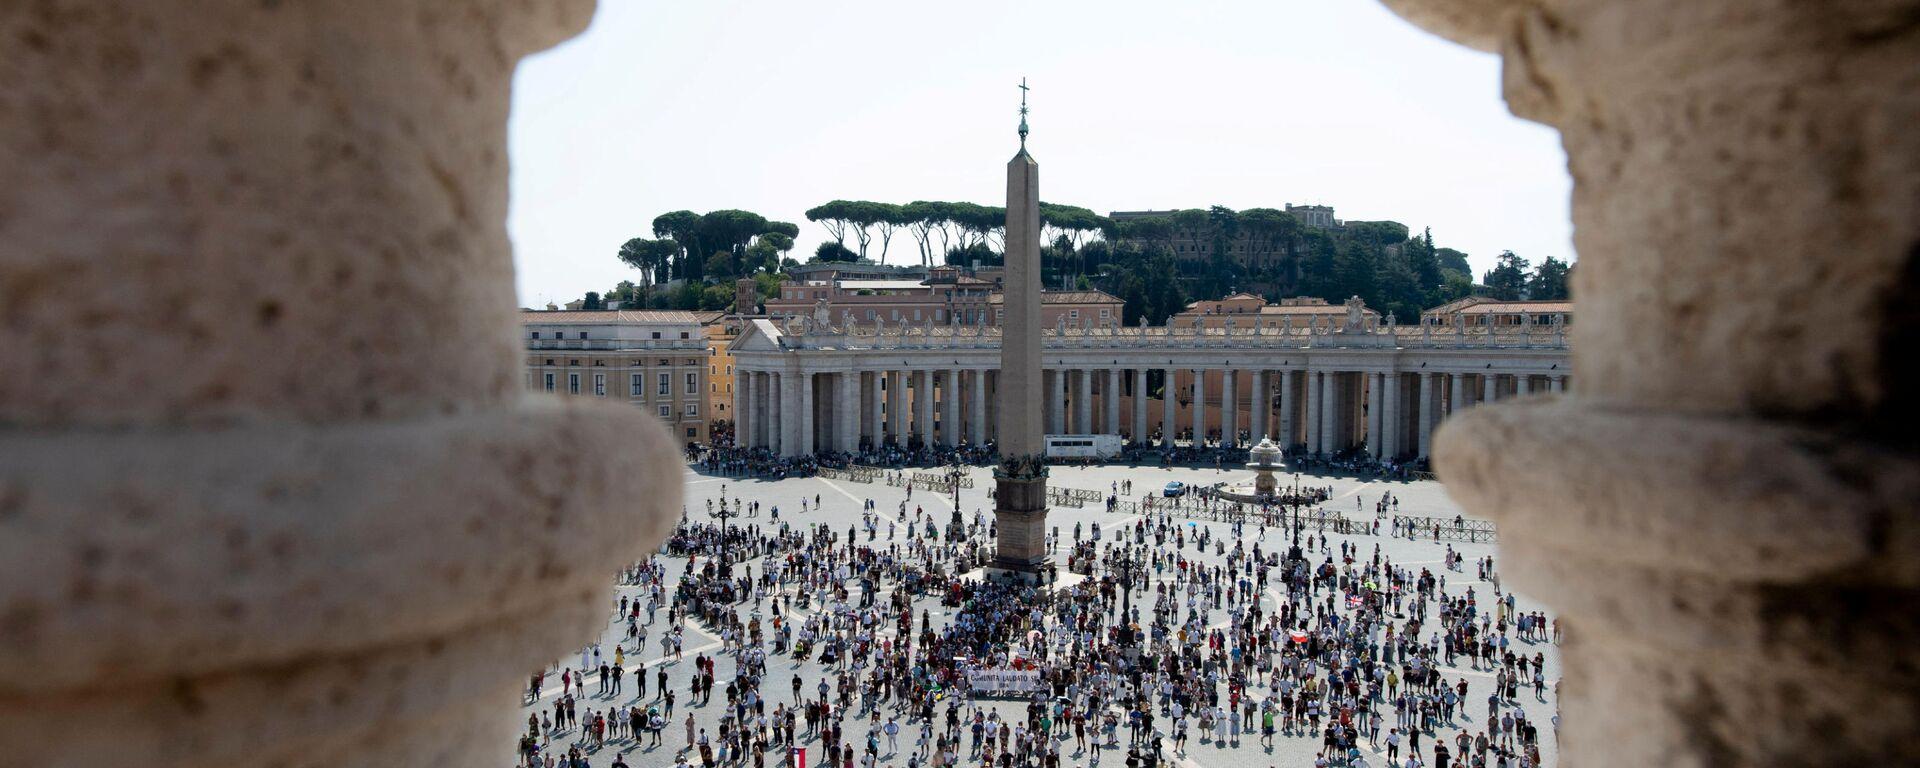 La gente in Piazza San Pietro in Vaticano - Sputnik Italia, 1920, 03.07.2021